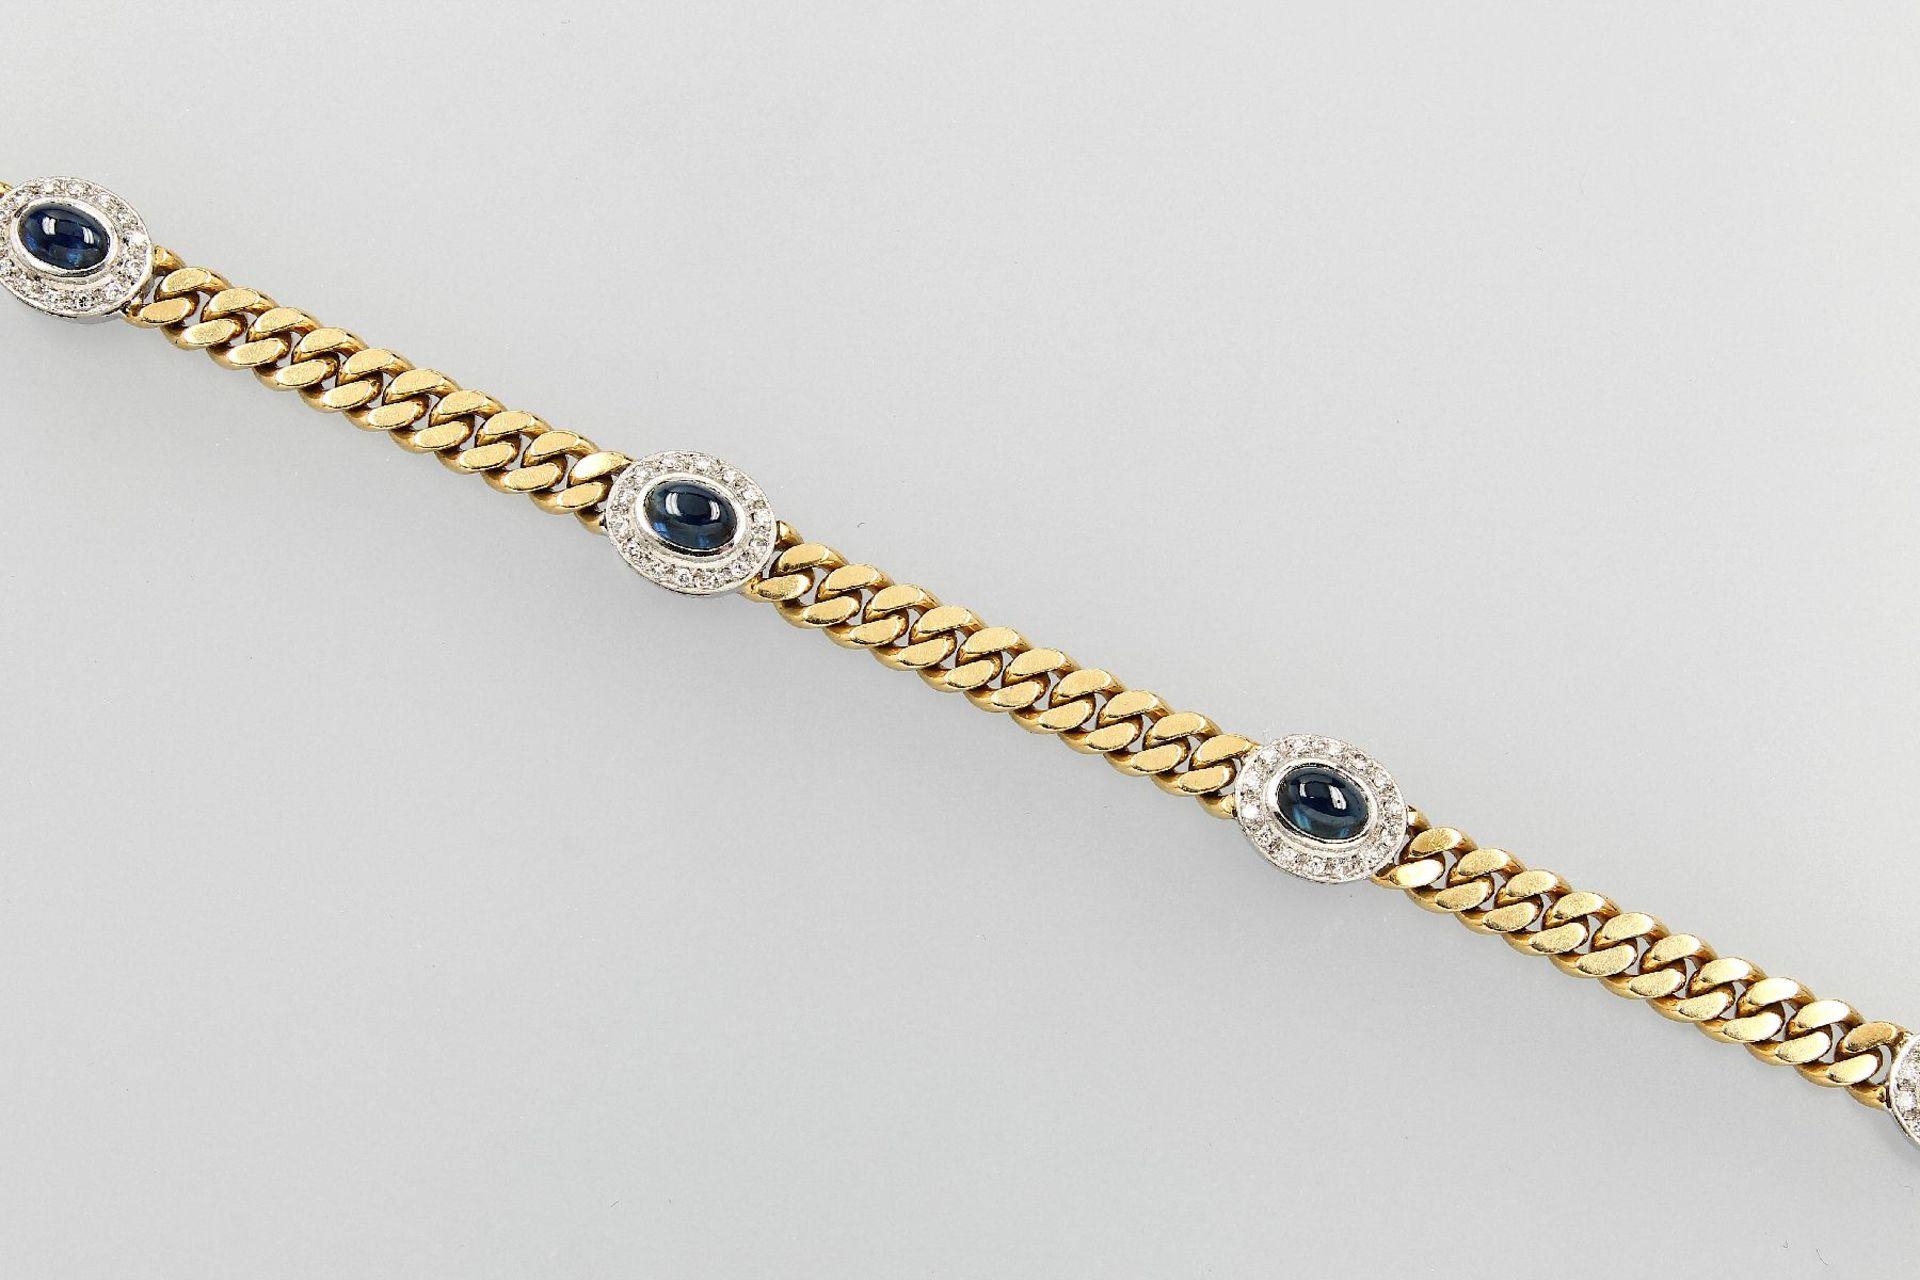 18 kt Gold Flachpanzerarmband mit Saphiren und Diamanten, GG/WG 750/000, 4 ovale Saphircabochons